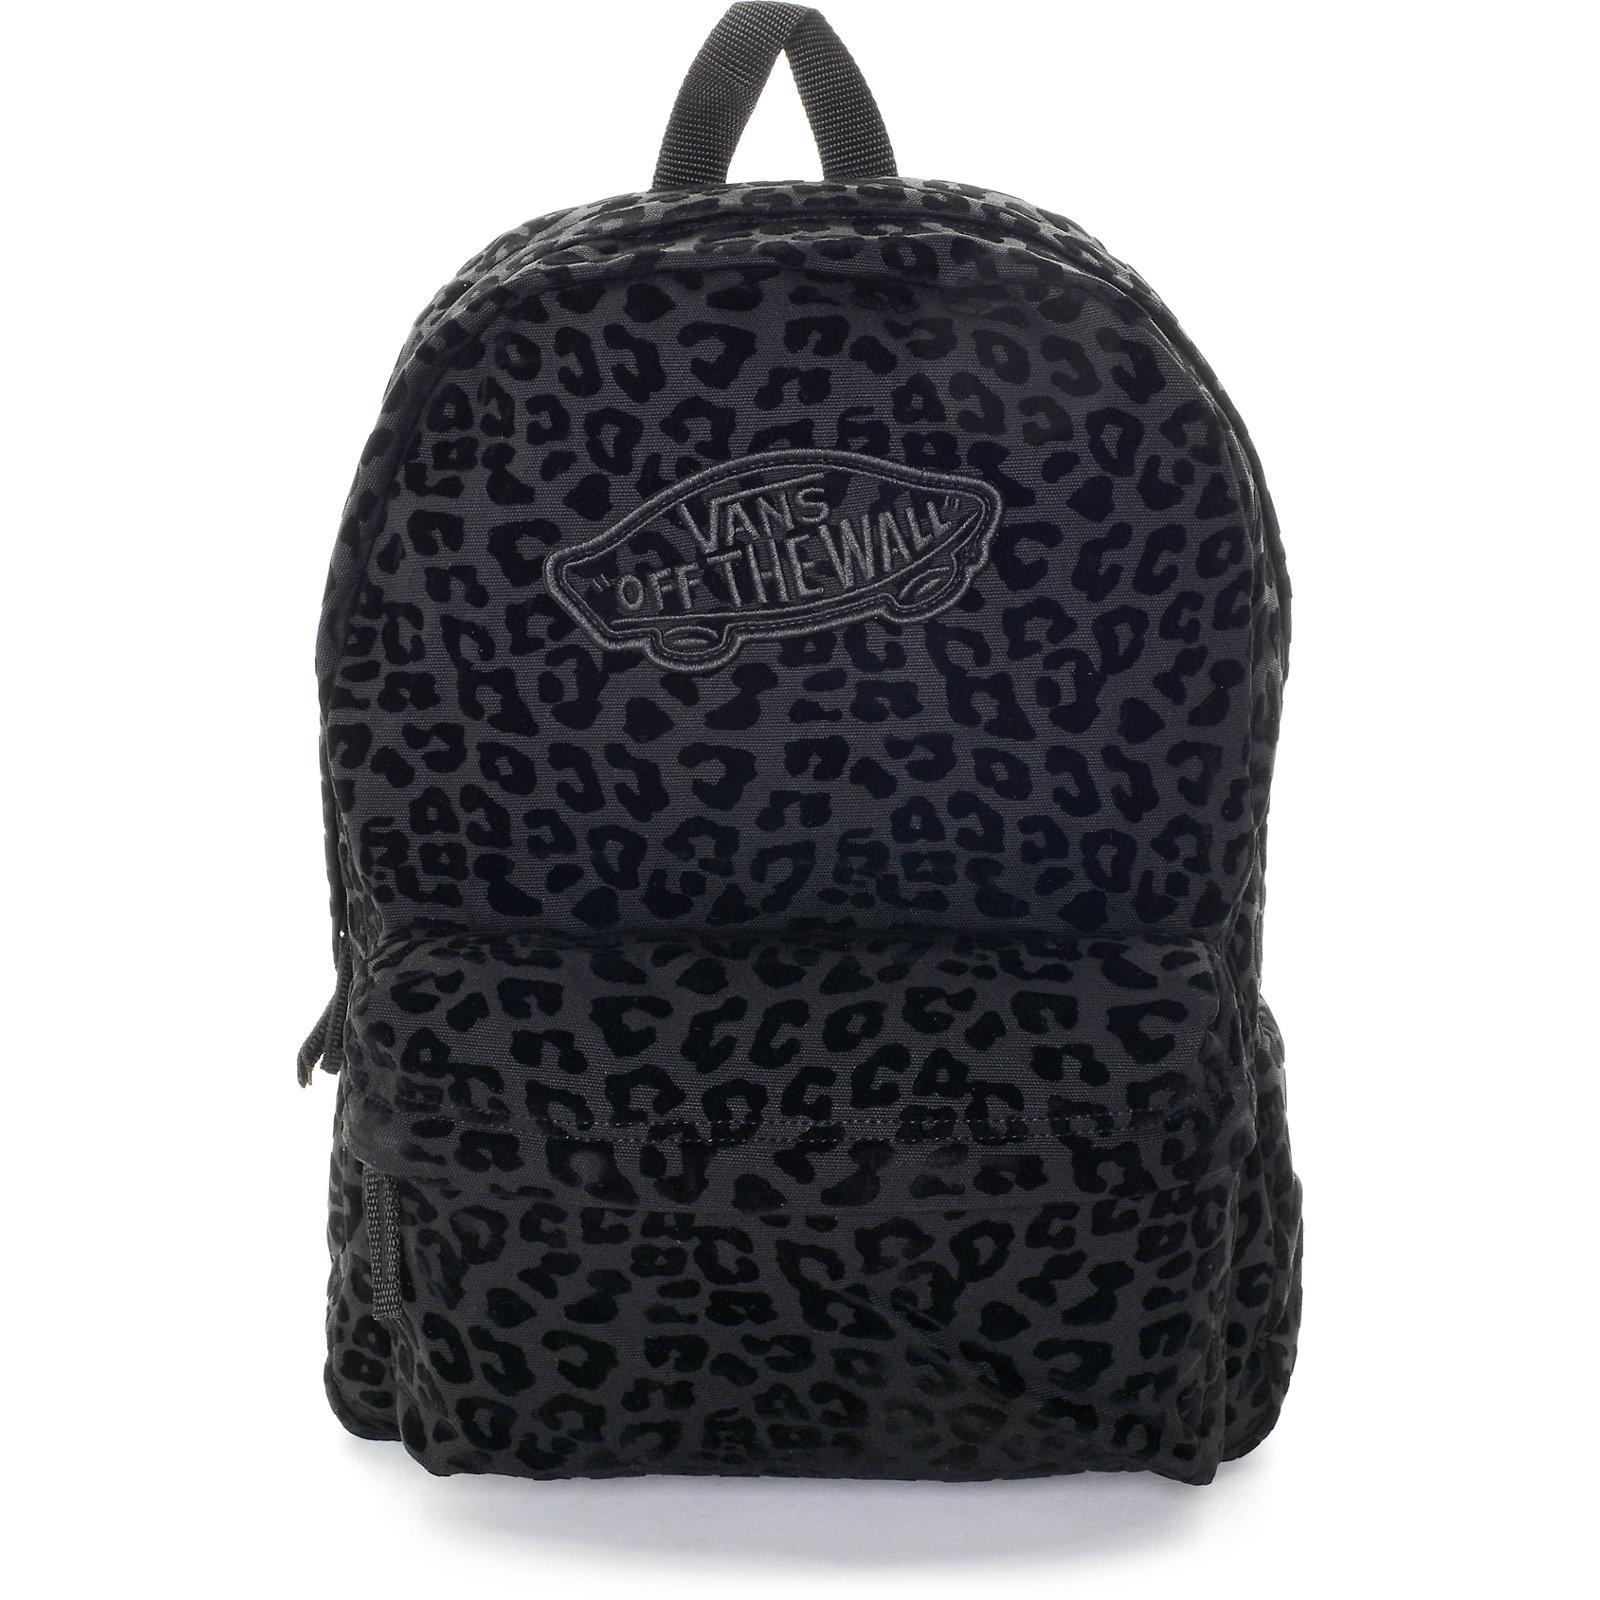 hurtownia online najlepsze buty popularna marka Plecak Vans Realm Leopard Flock Black : Hulajnogi wyczynowe ...